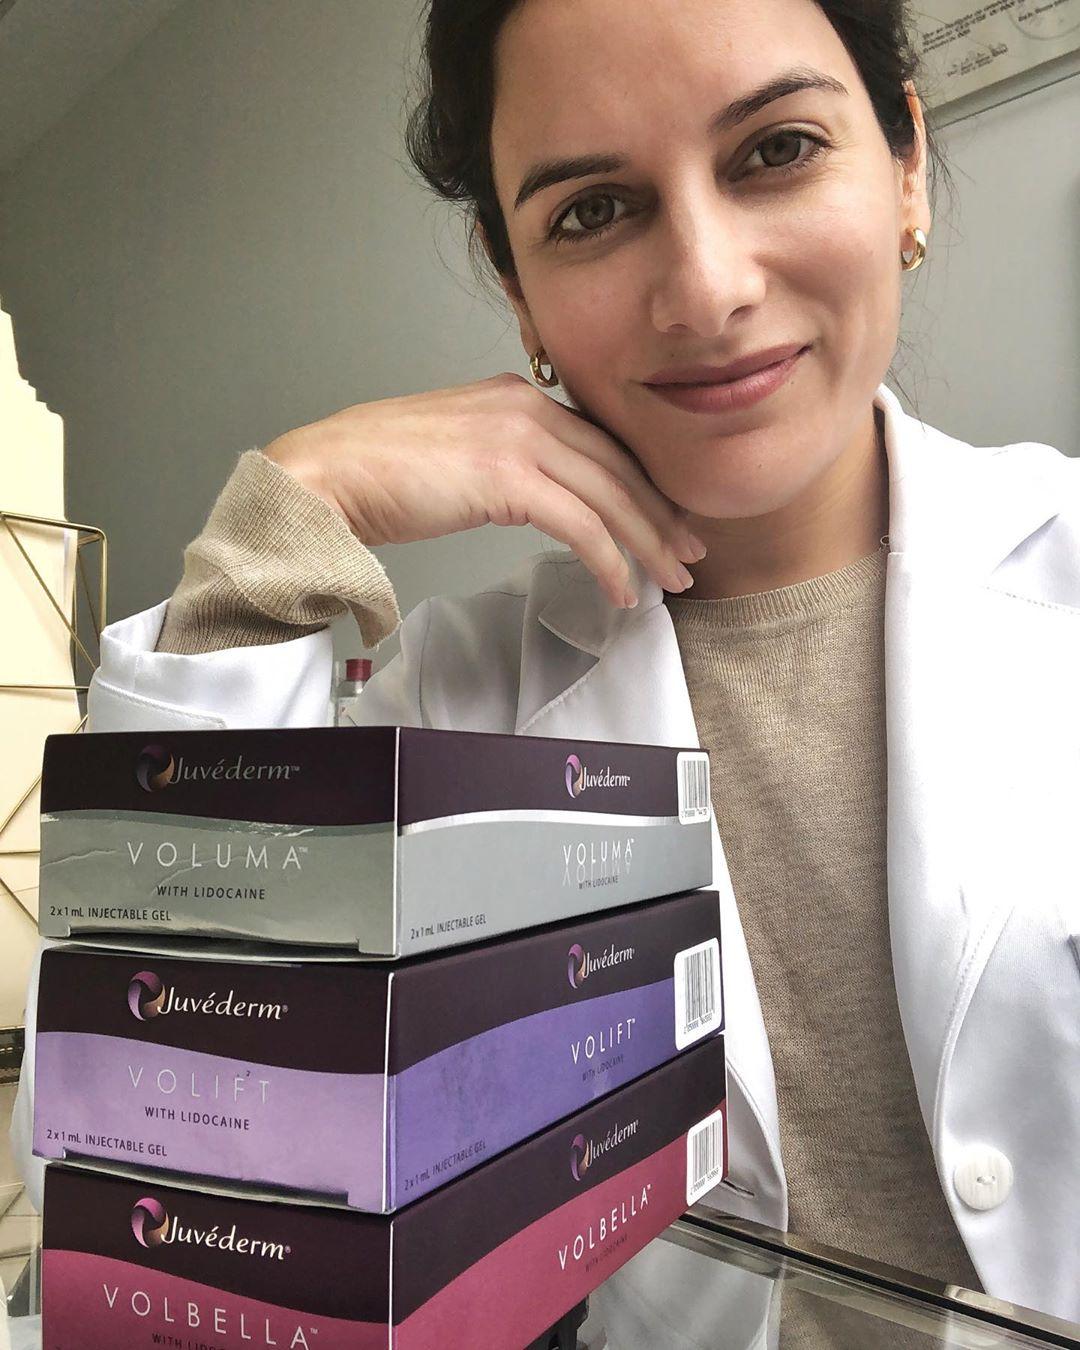 Dermatólogos: Melanie Macpherson